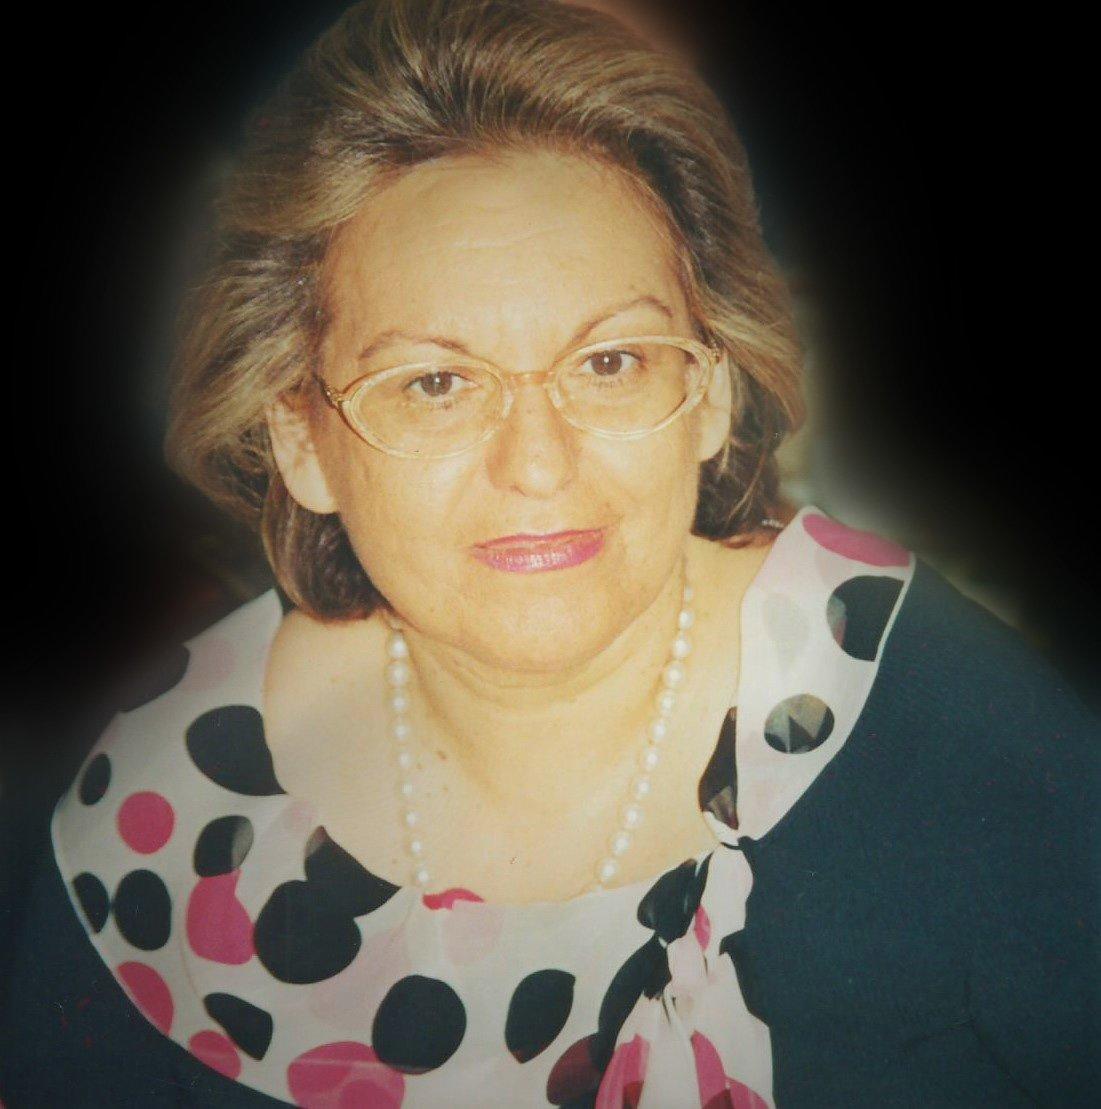 ΣΥΝΕΝΤΕΥΞΗ: Αποκατάσταση μετά από μαστεκτομή, Δόμνα Καλομοίρη M.D,PhD